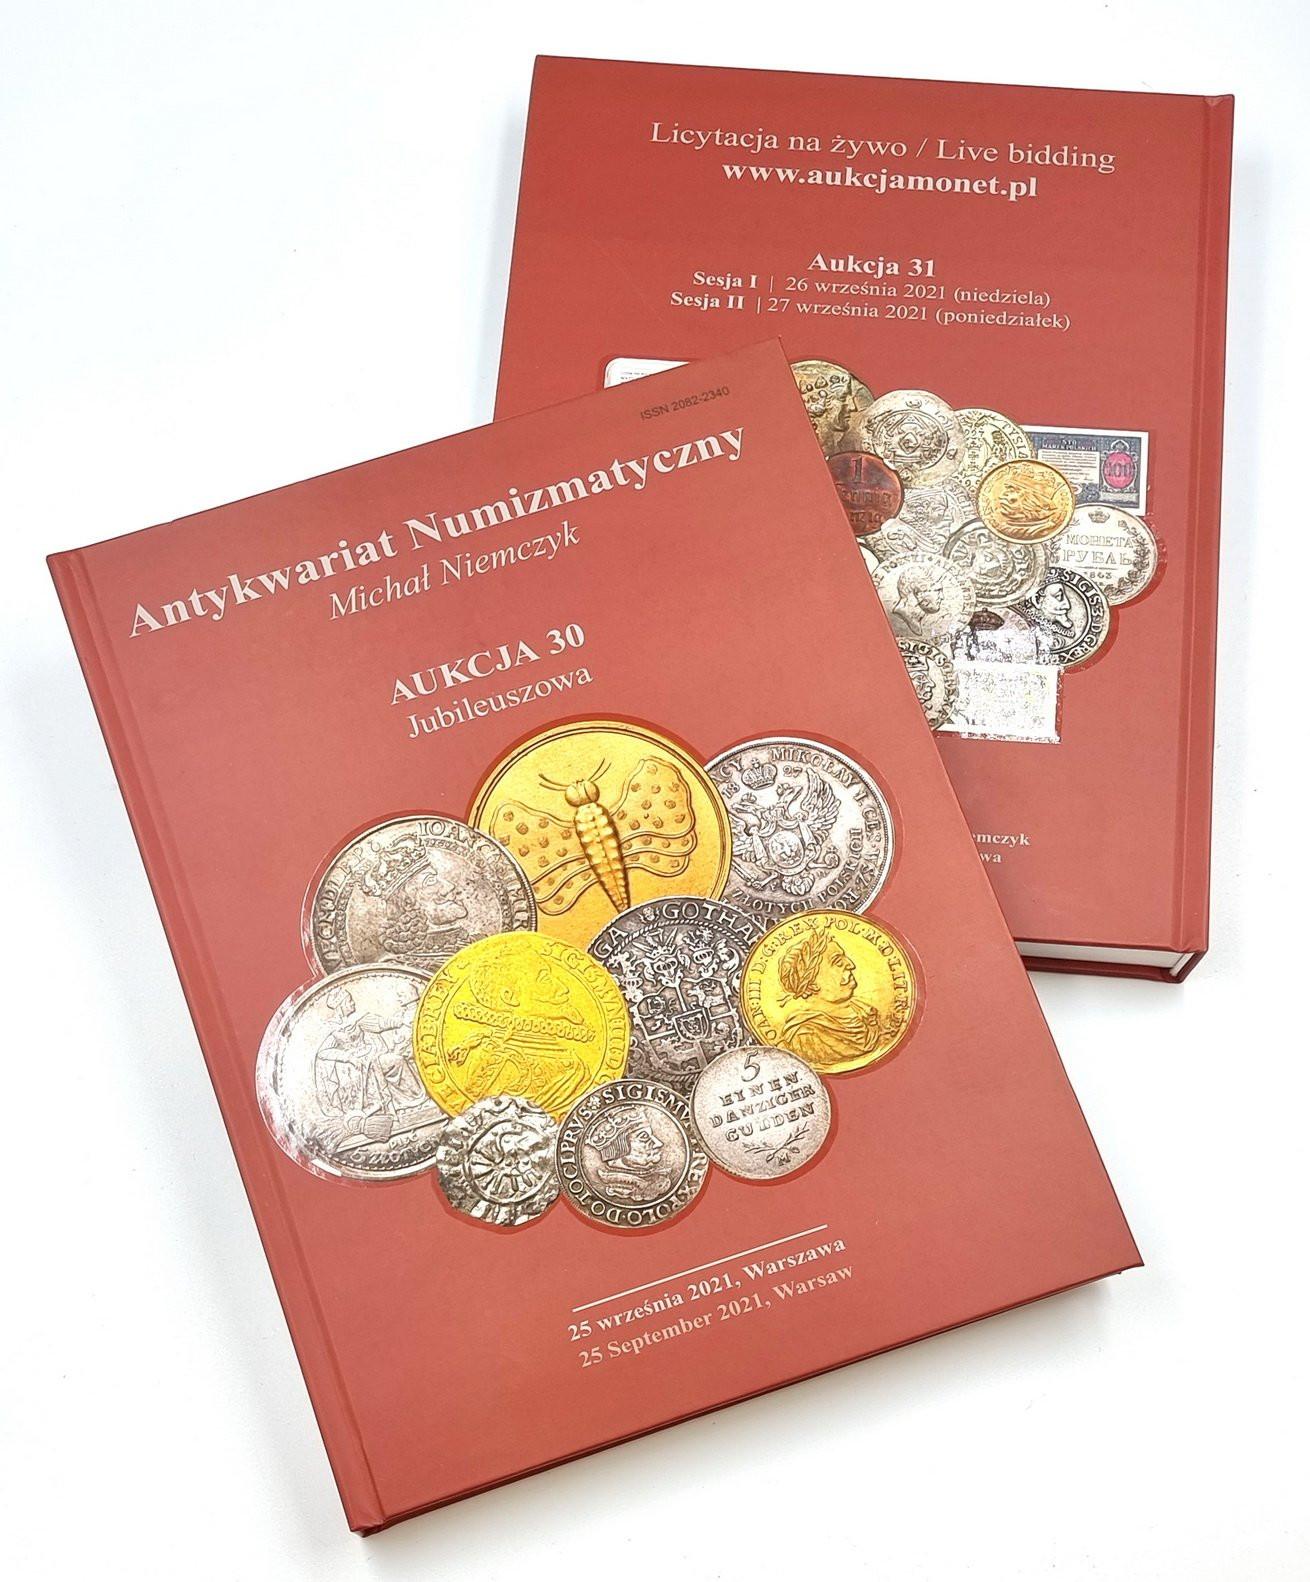 KATALOG Aukcja 30 Premium Niemczyk - 25 września 2021 - najrzadsze 819 numizmaty